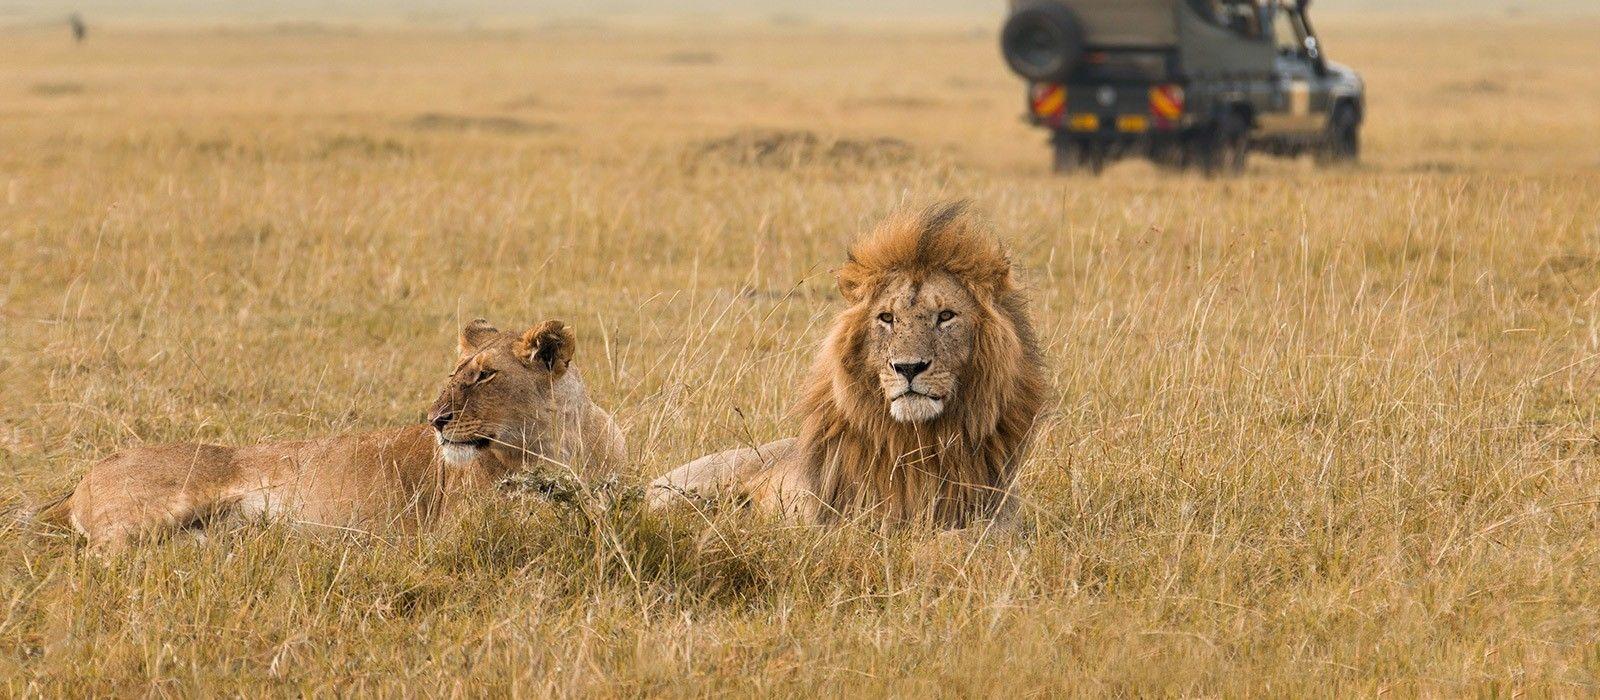 Kenia: Wandersafari Rundreise Urlaub 4